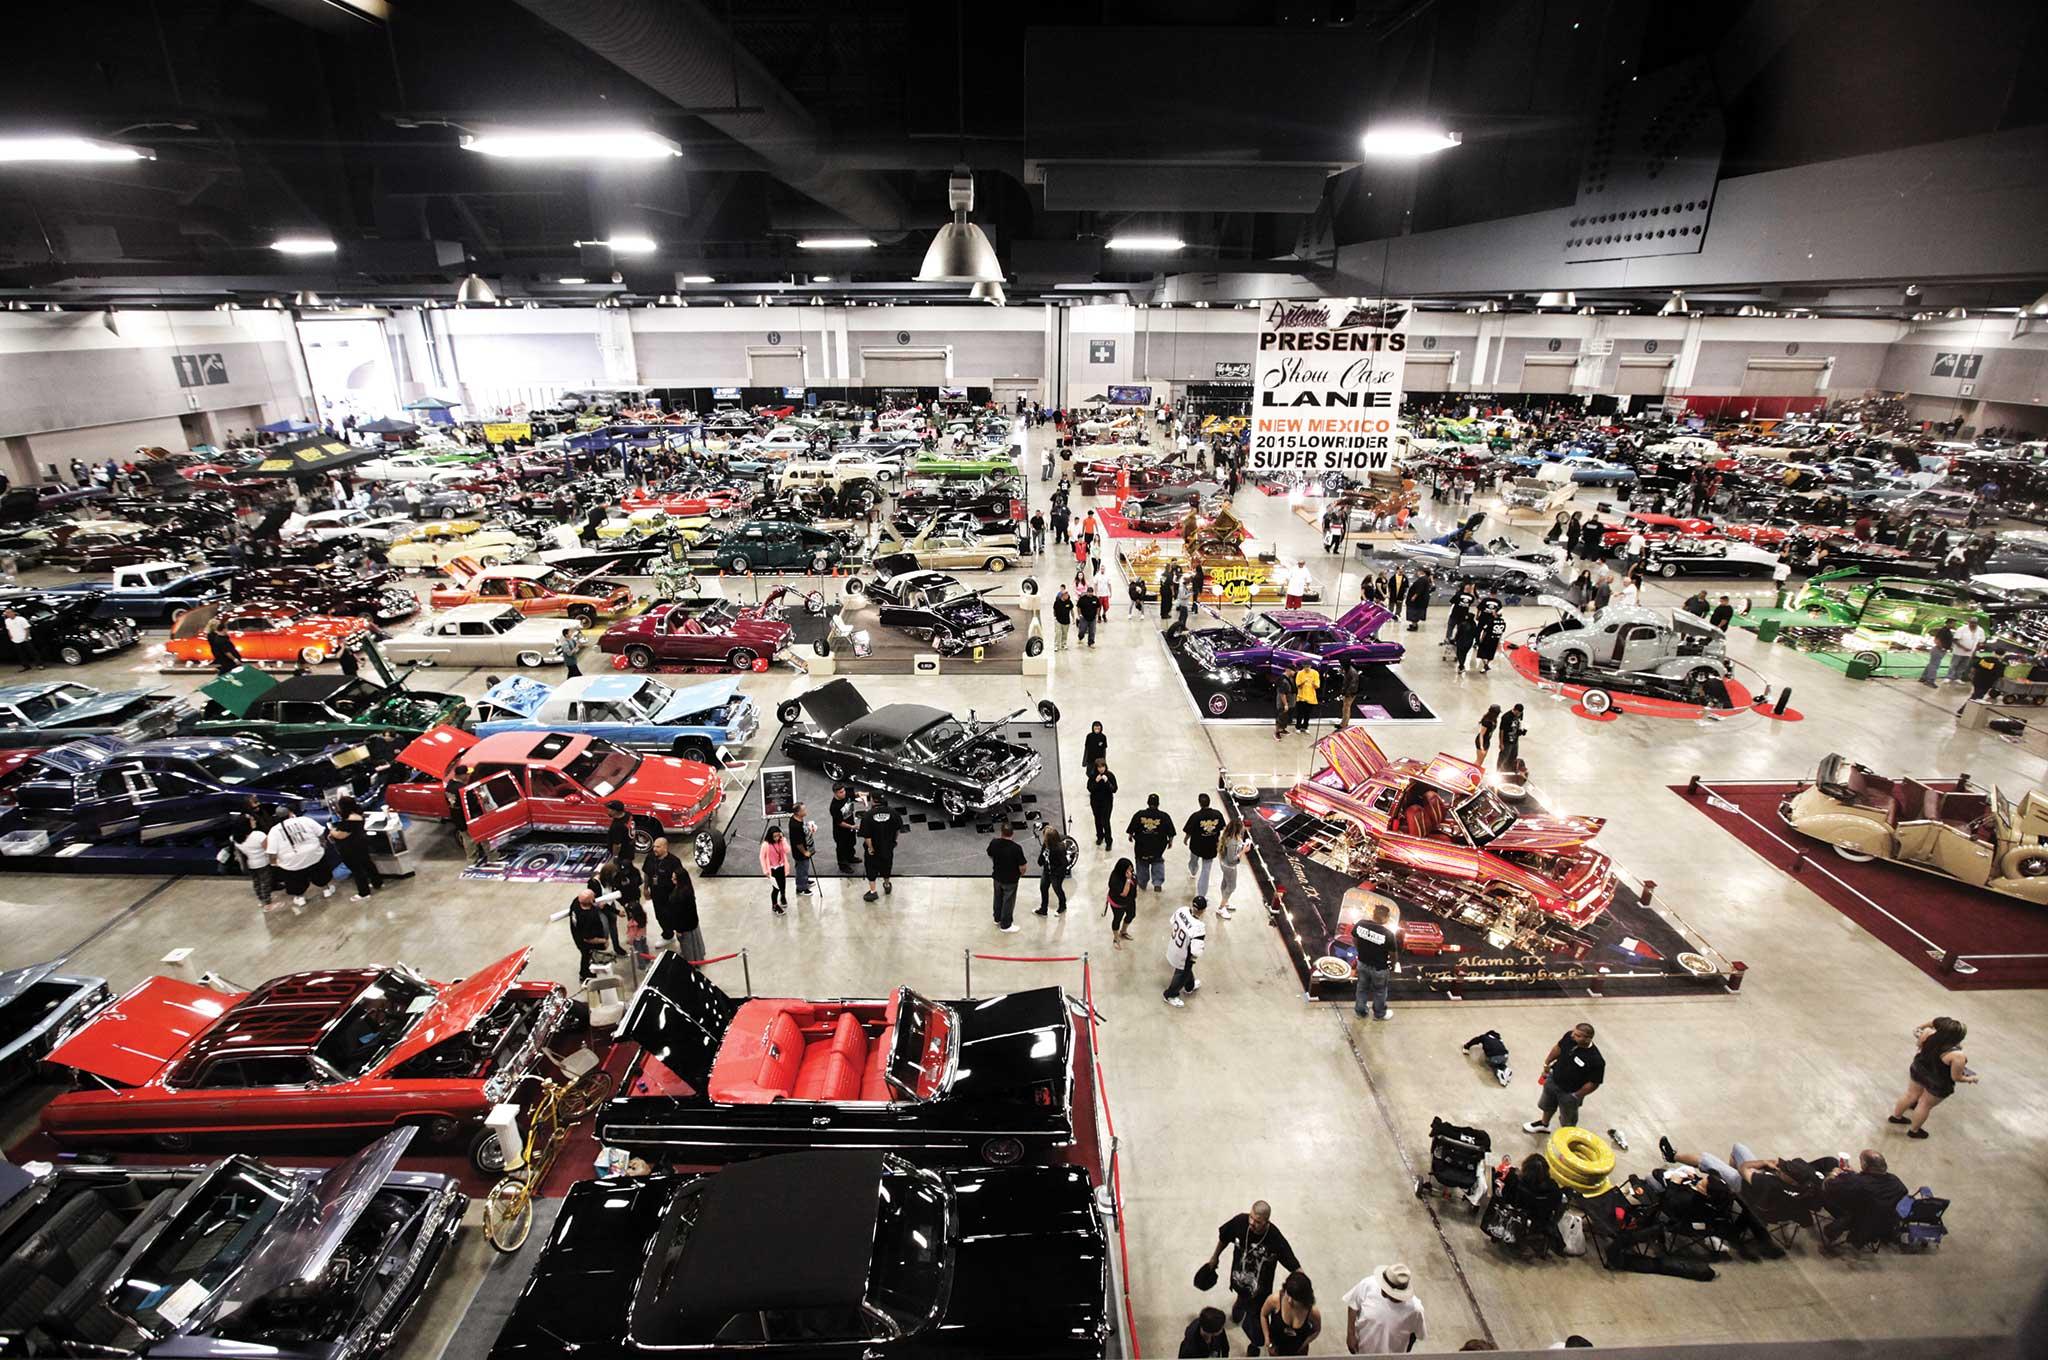 Albuquerque Car Show And Concert Albuquerque Convention - Auto car show convention center